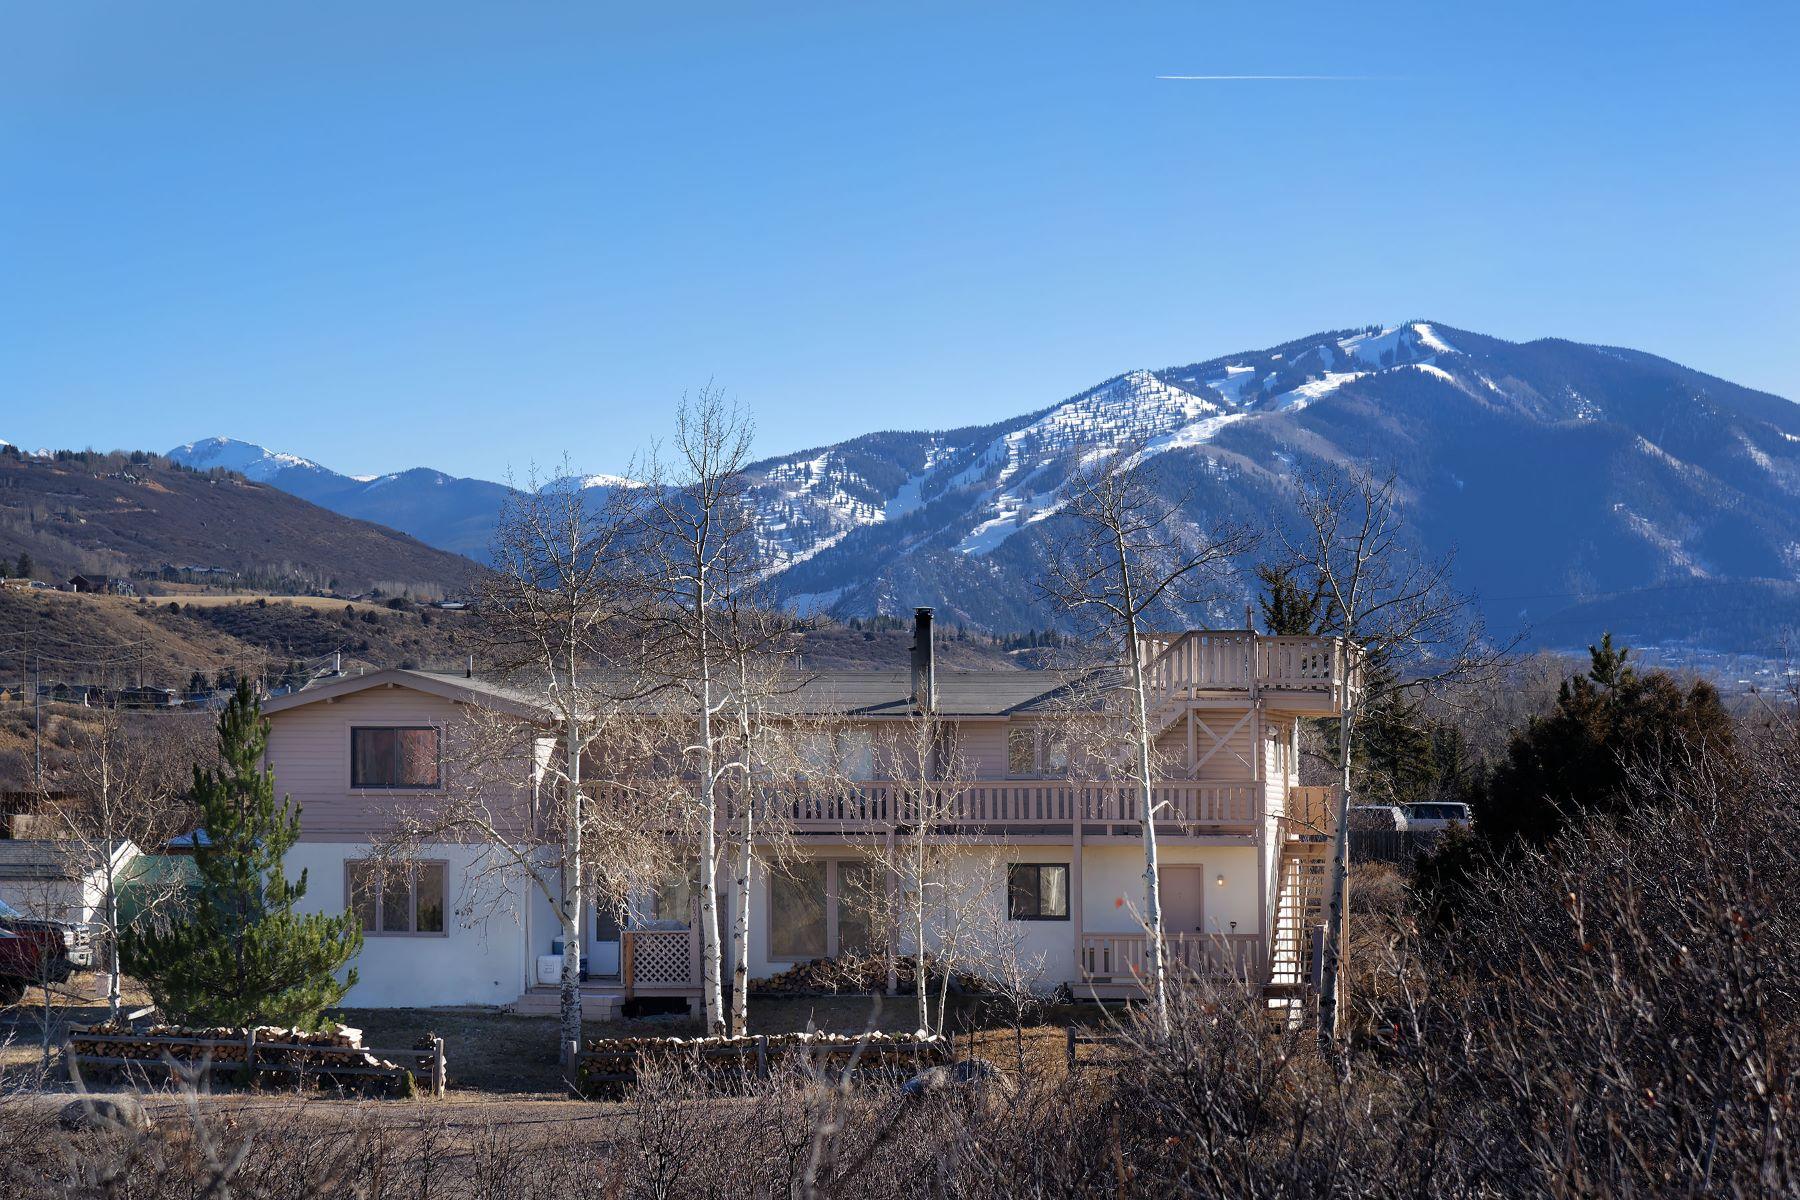 Многосемейный дом для того Продажа на Excellent Development Opportunity 50 Twining Flats Road, Aspen, Колорадо, 81611 Соединенные Штаты